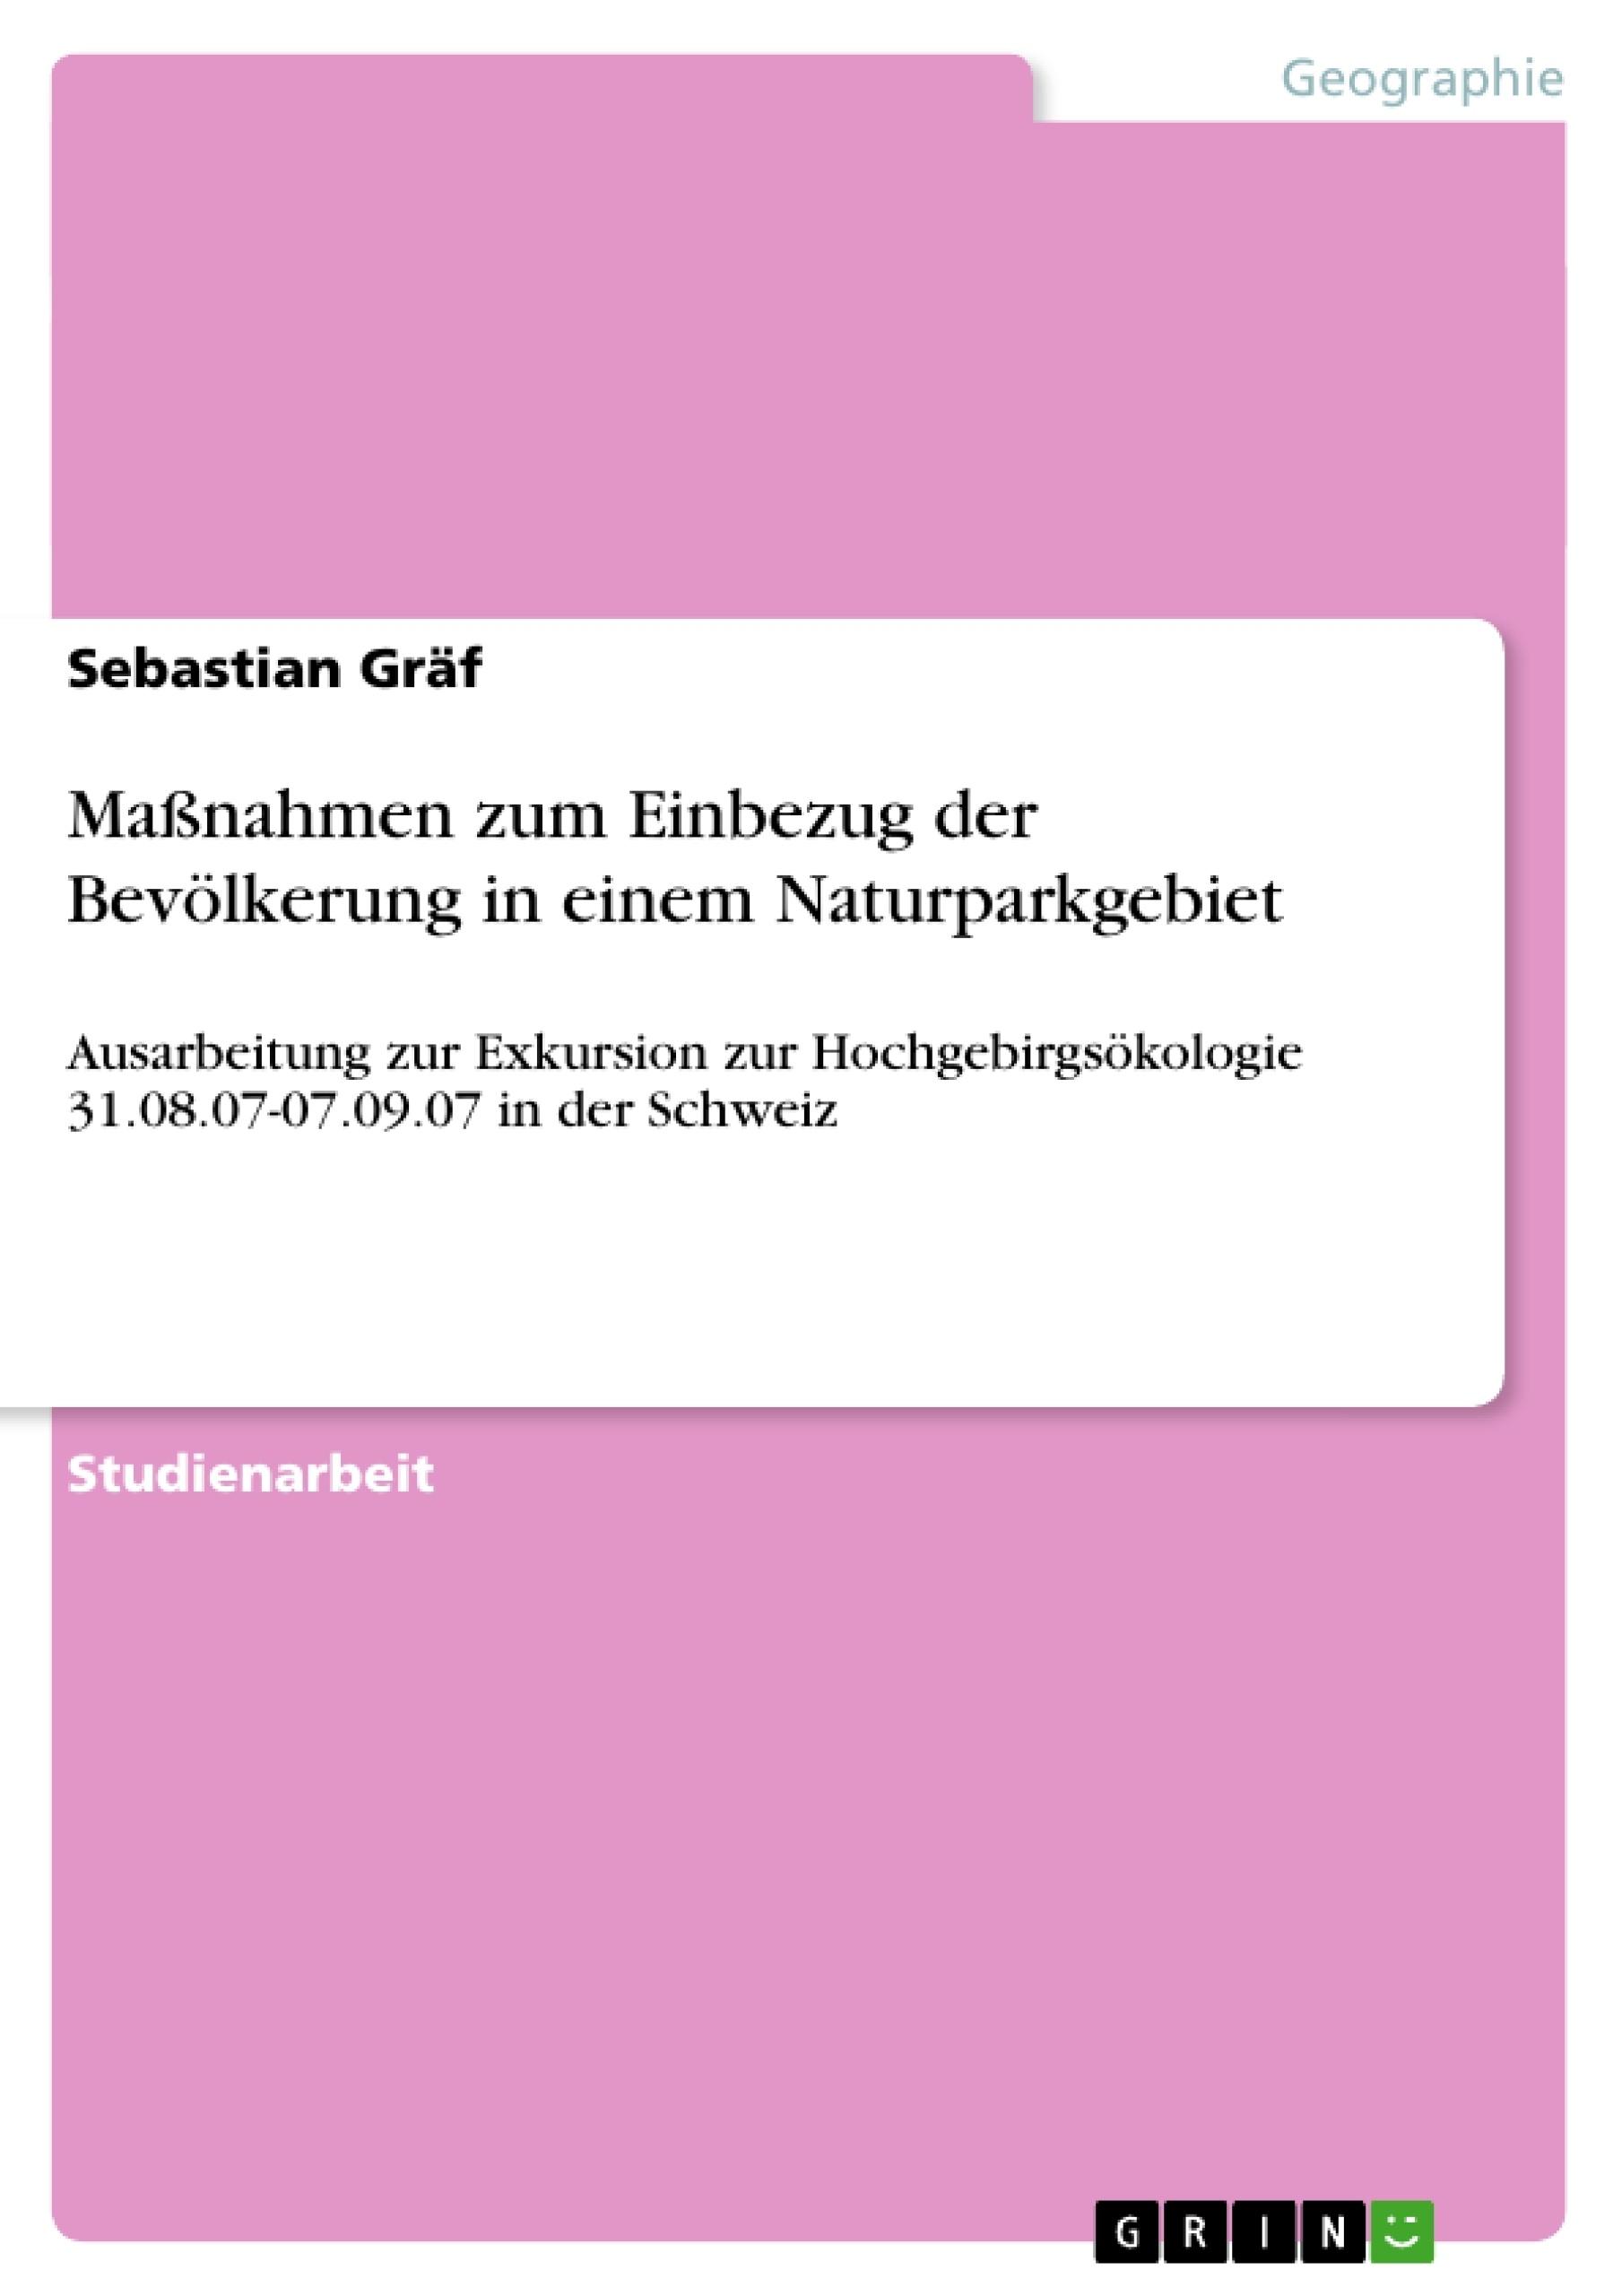 Titel: Maßnahmen zum Einbezug der Bevölkerung in einem Naturparkgebiet